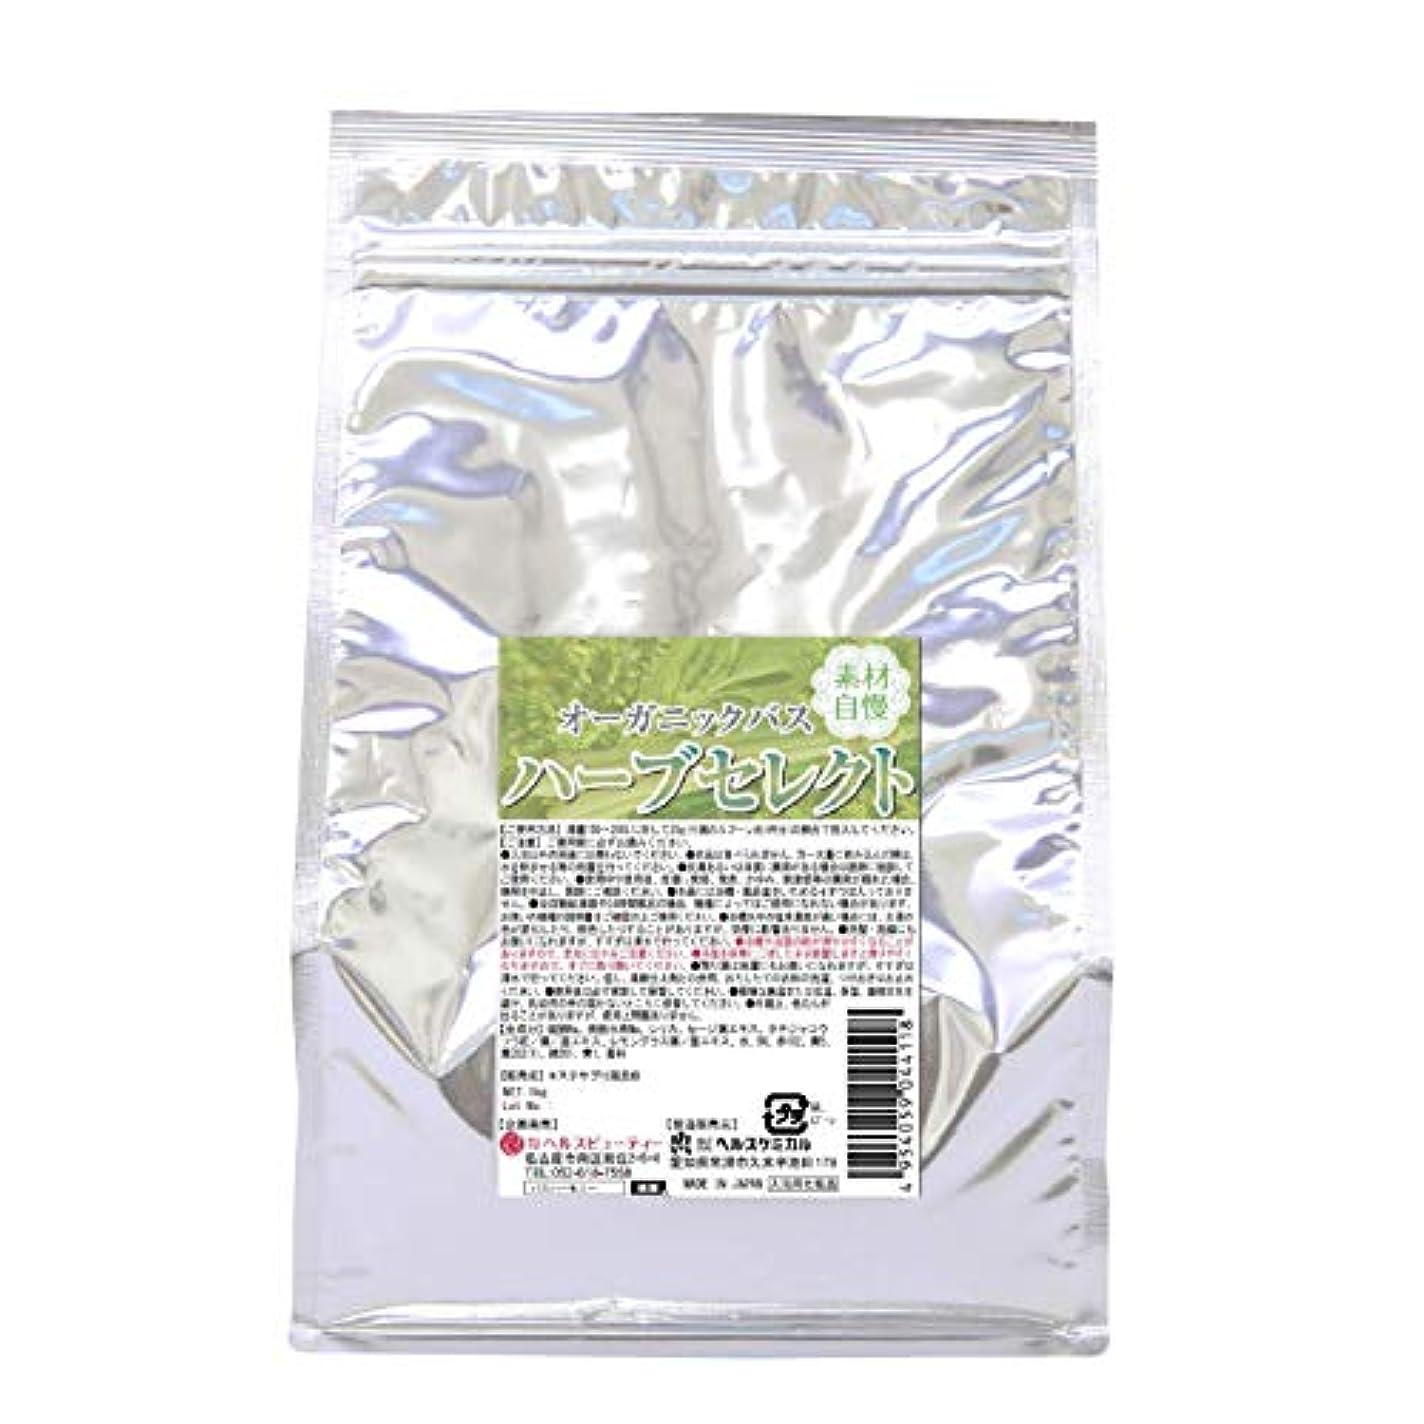 アンソロジー伝統的メイエラ入浴剤 湯匠仕込 ハーブセレクト 1kg 50回分 お徳用